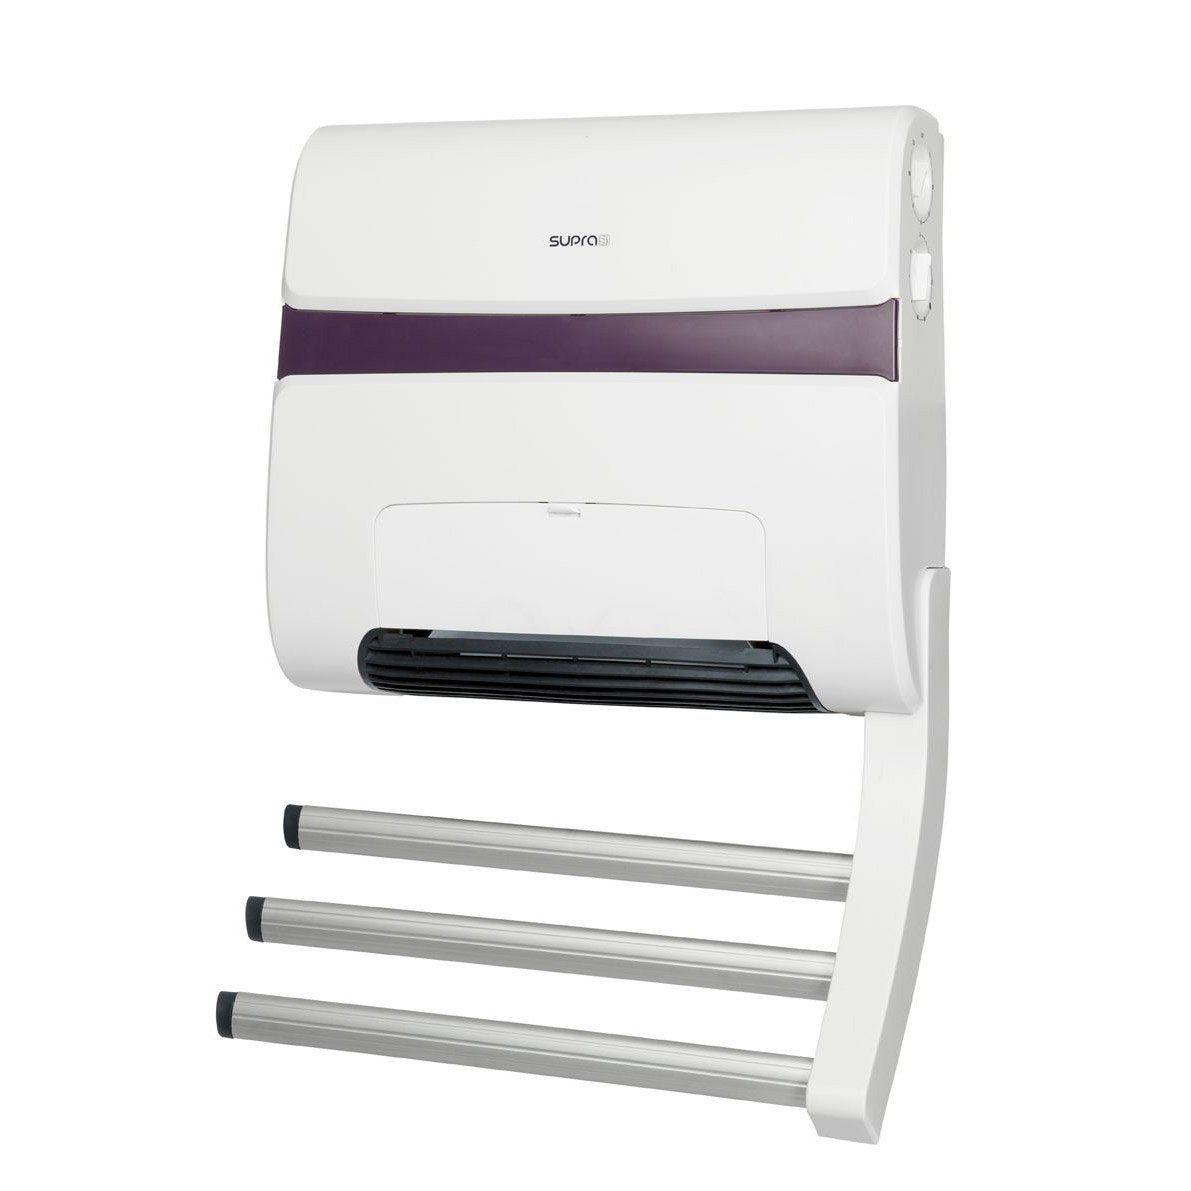 Radiateur soufflant électrique SUPRA Zitto 18 blanc/taupe 18 W